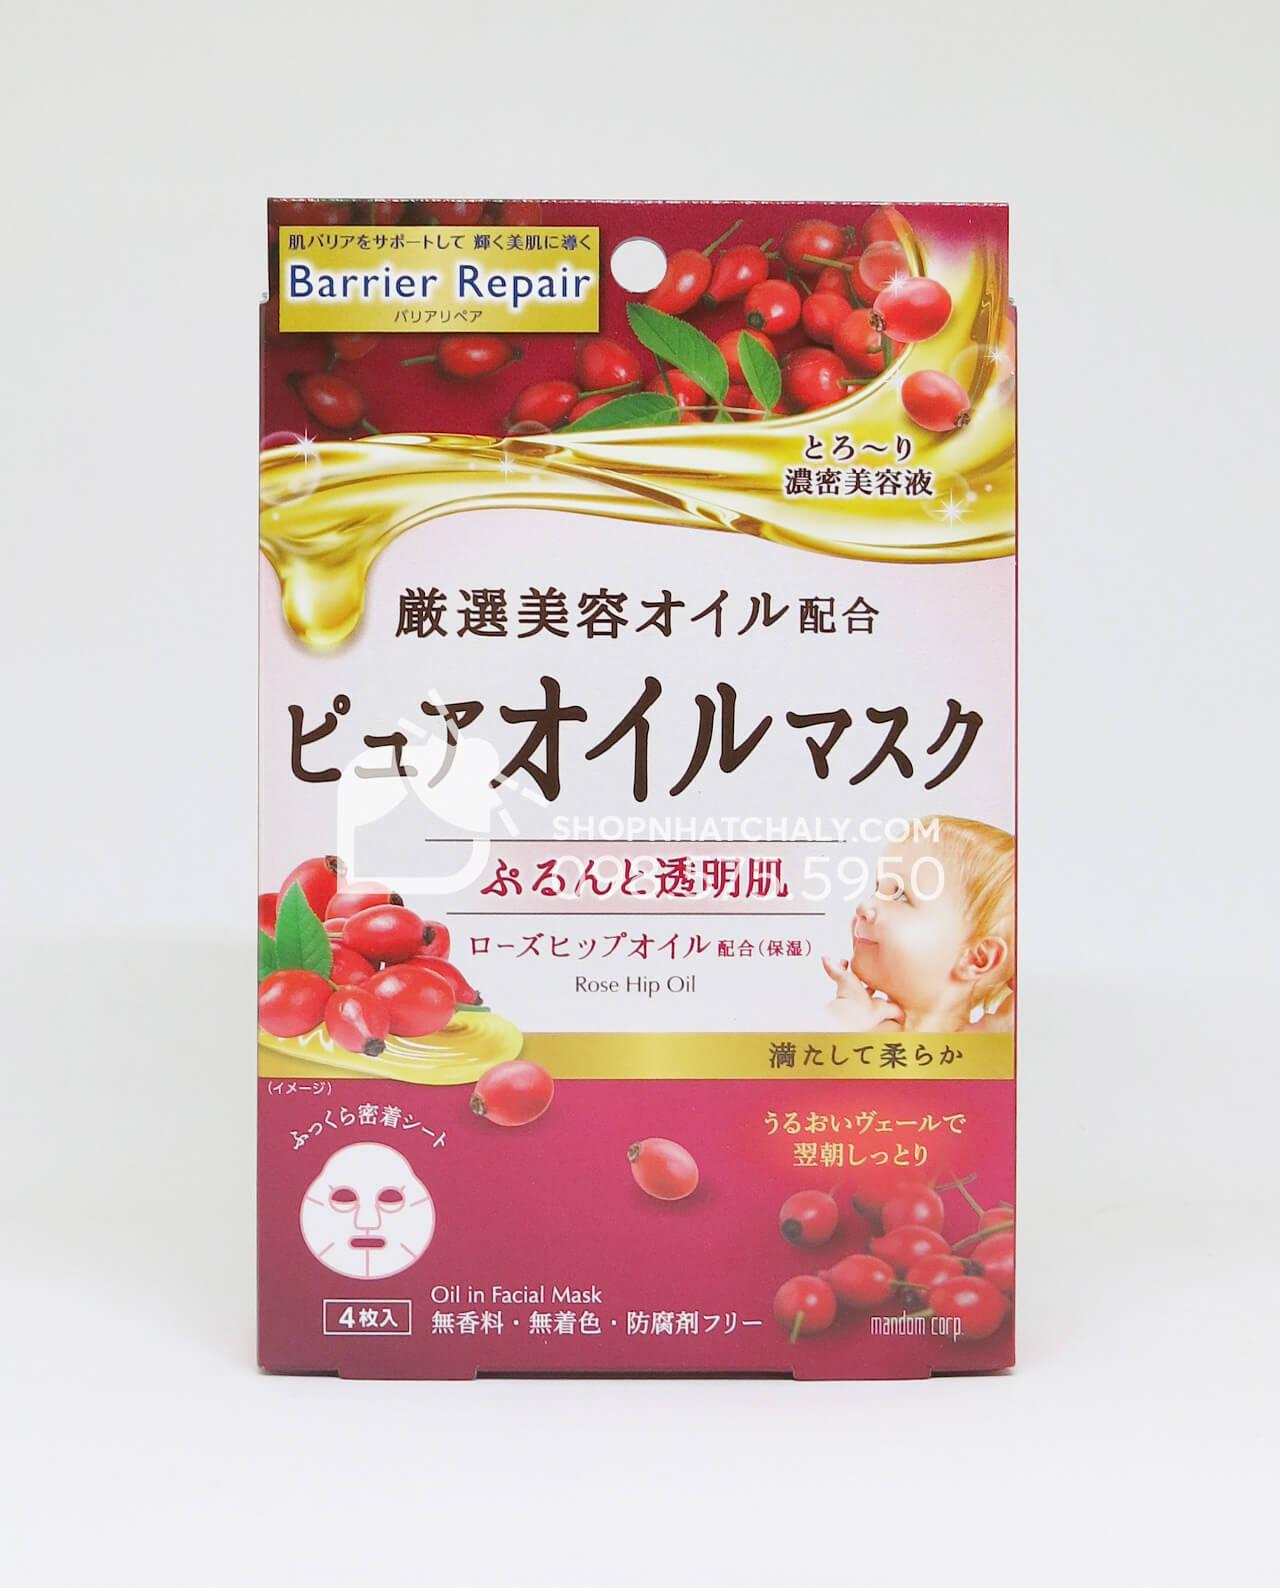 Mặt nạ chống lão hóa tinh chất quả tầm xuân Rosehip Oil Mask Barrier Repair Nhật Bản